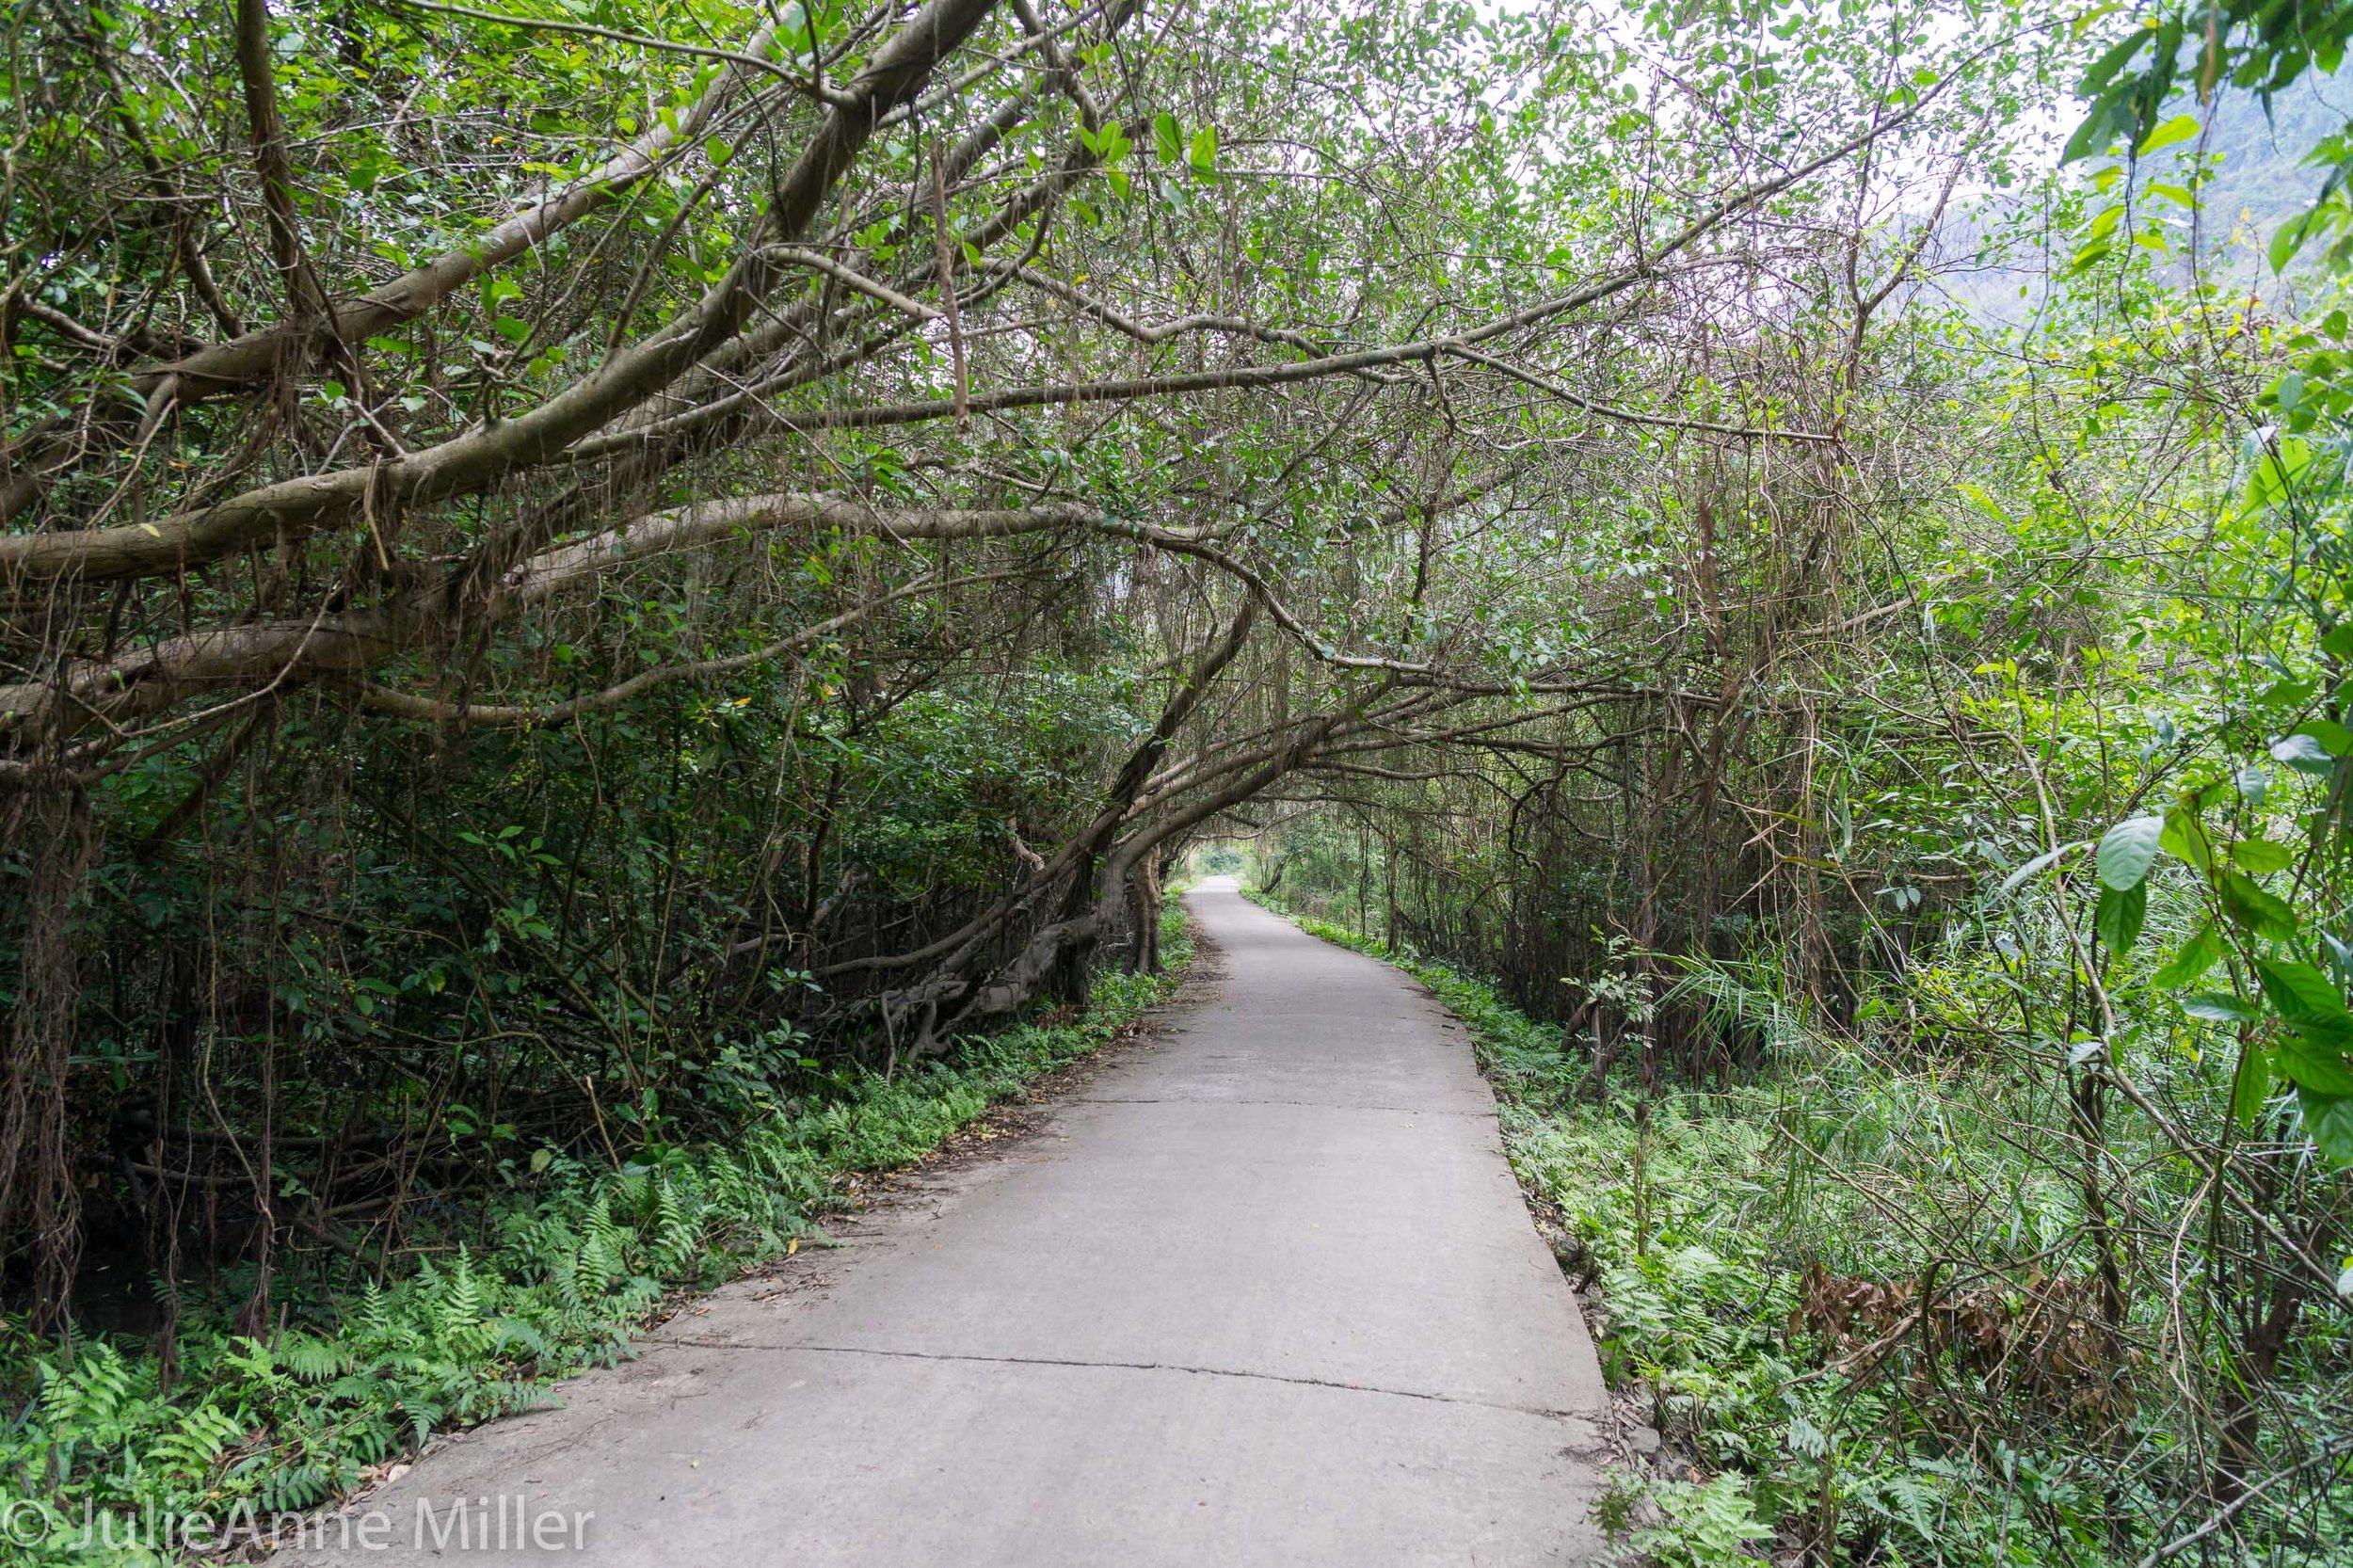 Viet Hai Village Road